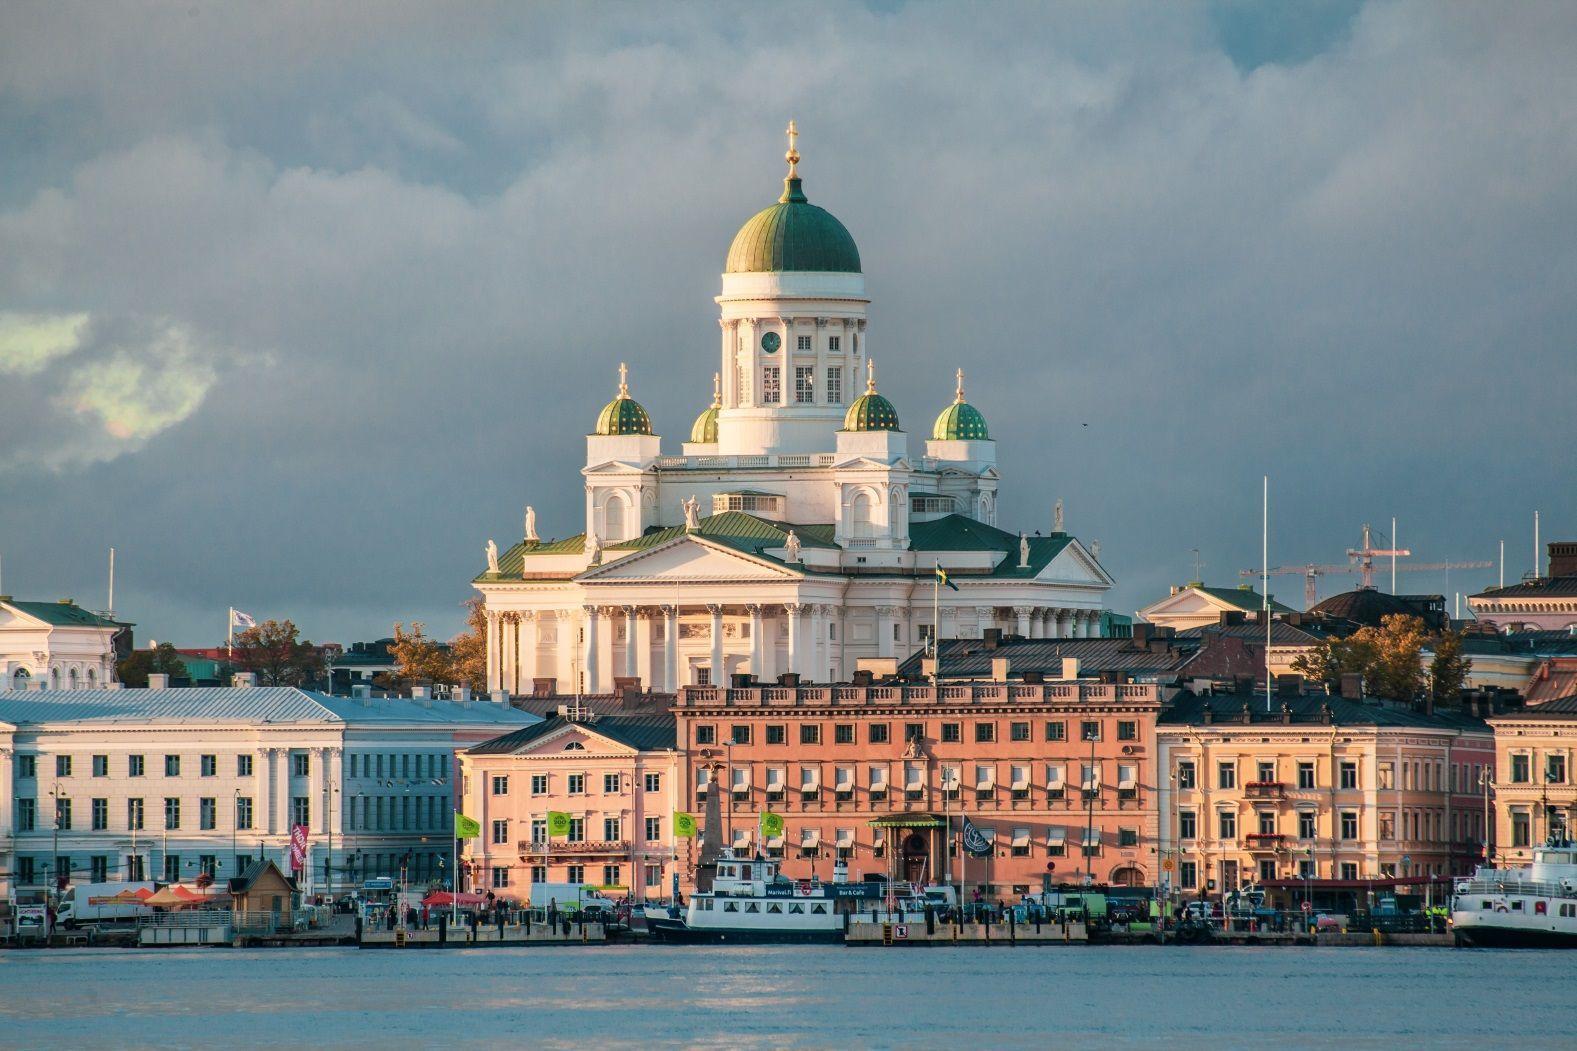 Гельсінкі Фінляндія